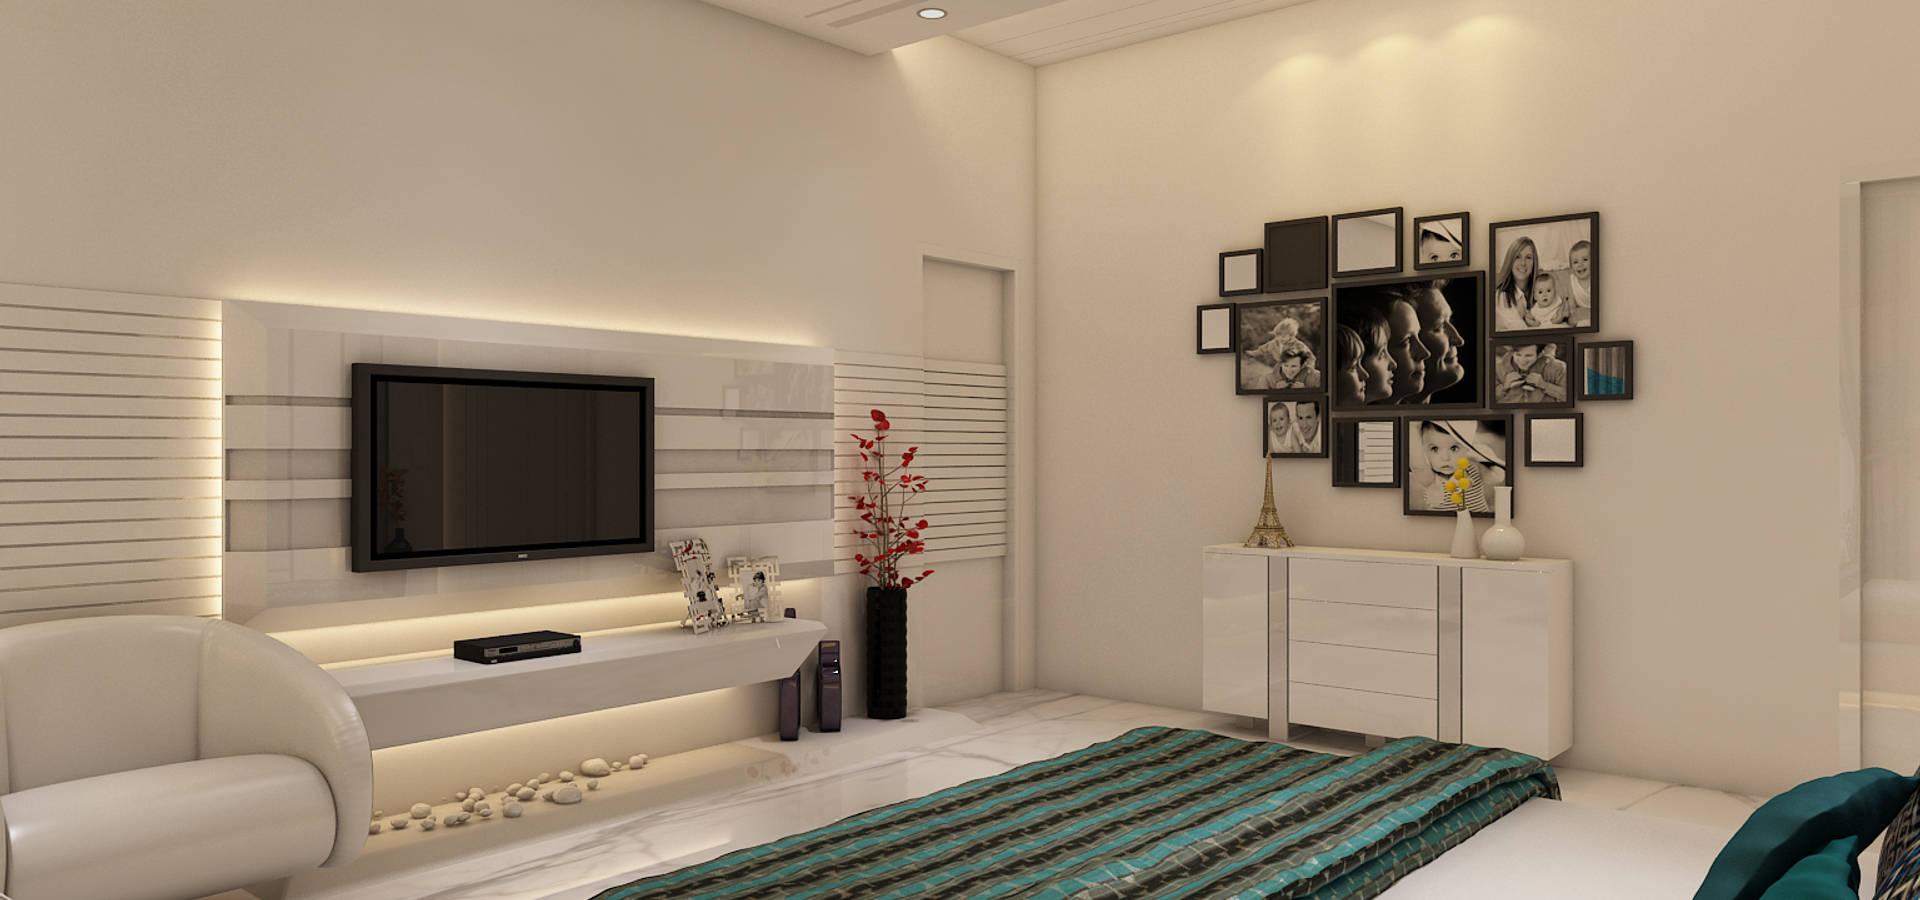 K Mewada Interior Designer